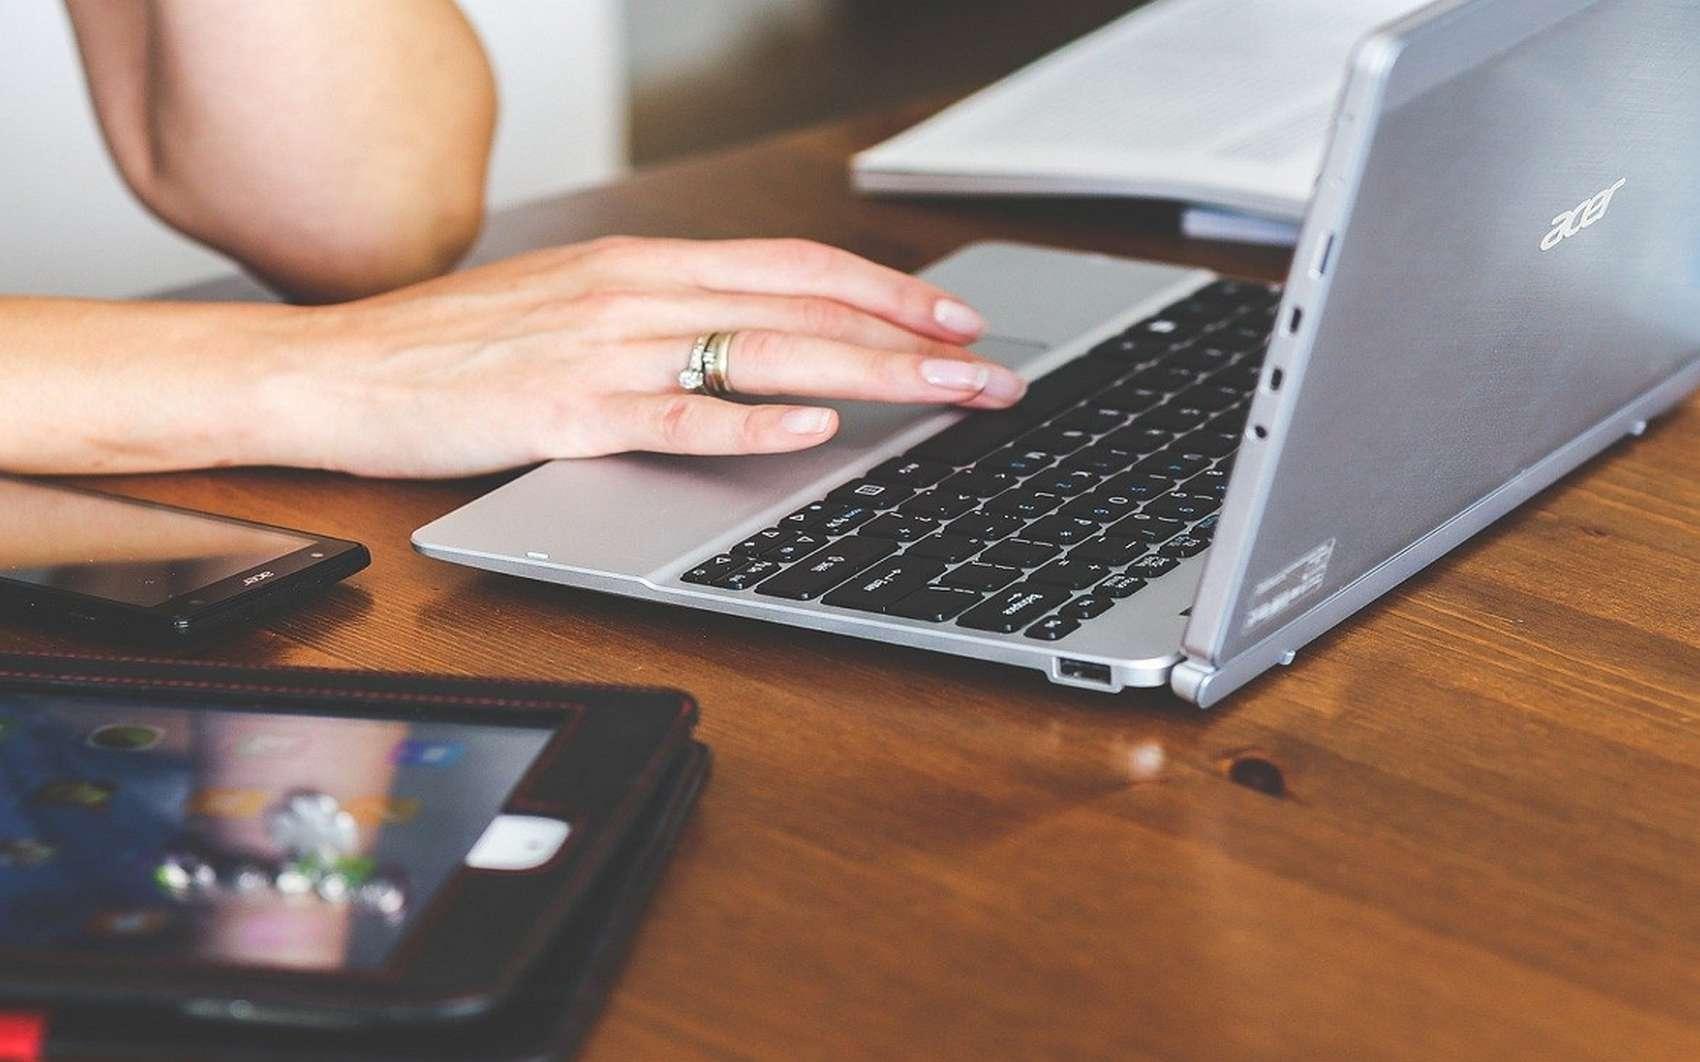 Le Responsive design est une caractéristique indispensable pour pouvoir consulter les sites internet sur tous nos devices. © Free-Photos1991, Pixabay